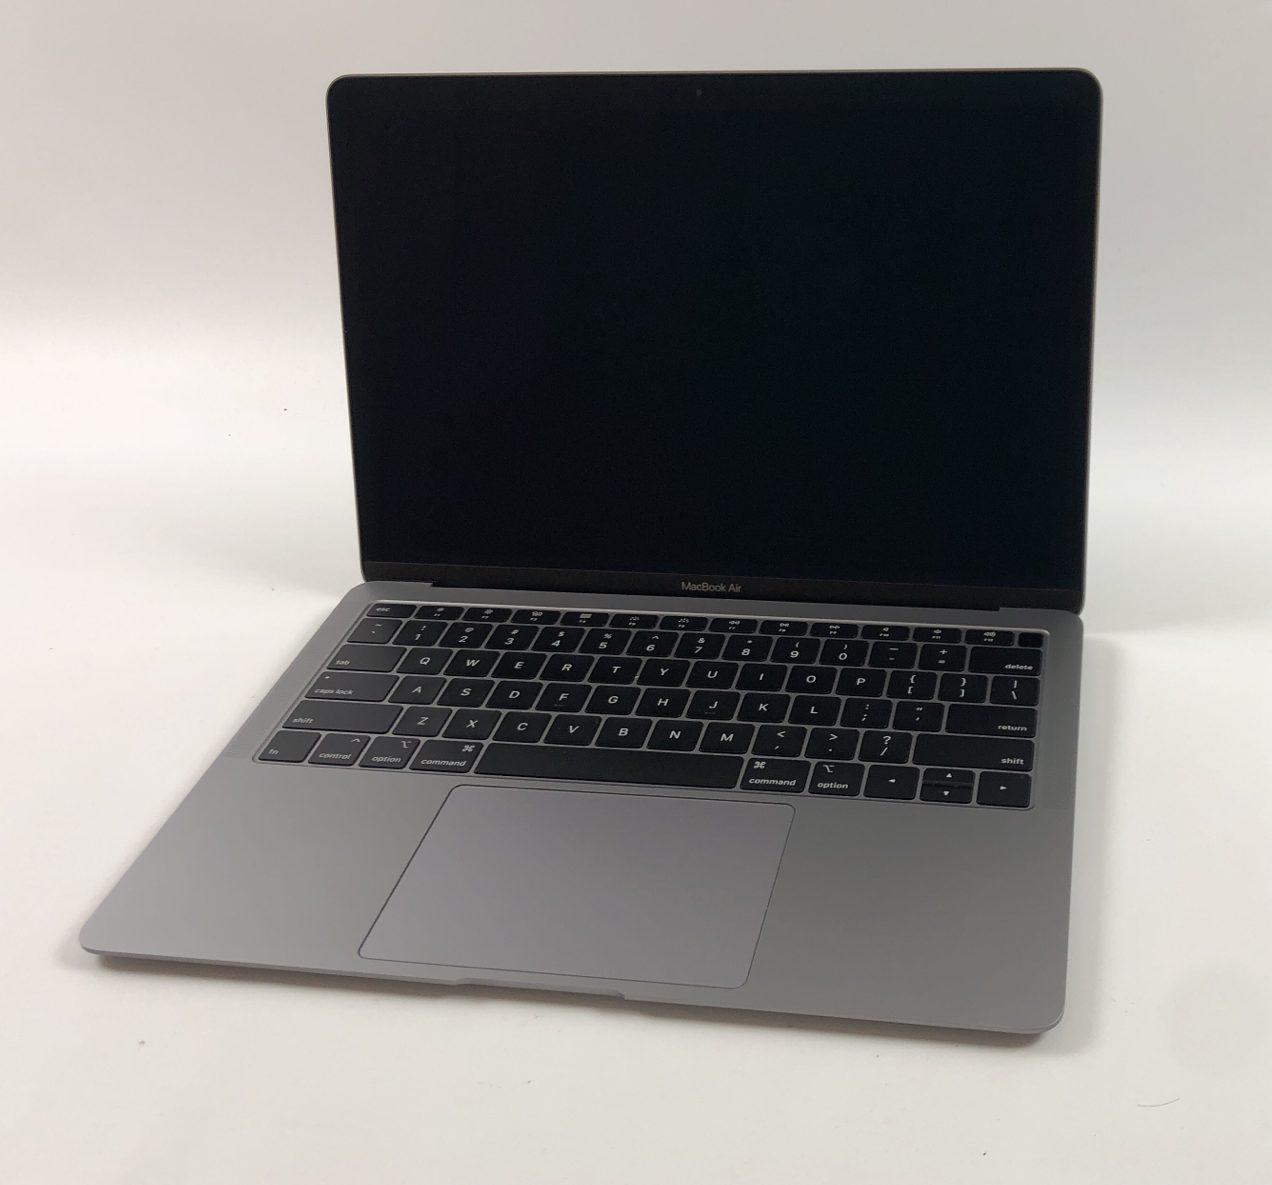 """MacBook Air 13"""" Late 2018 (Intel Core i5 1.6 GHz 16 GB RAM 512 GB SSD), Space Gray, Intel Core i5 1.6 GHz, 16 GB RAM, 512 GB SSD, image 1"""